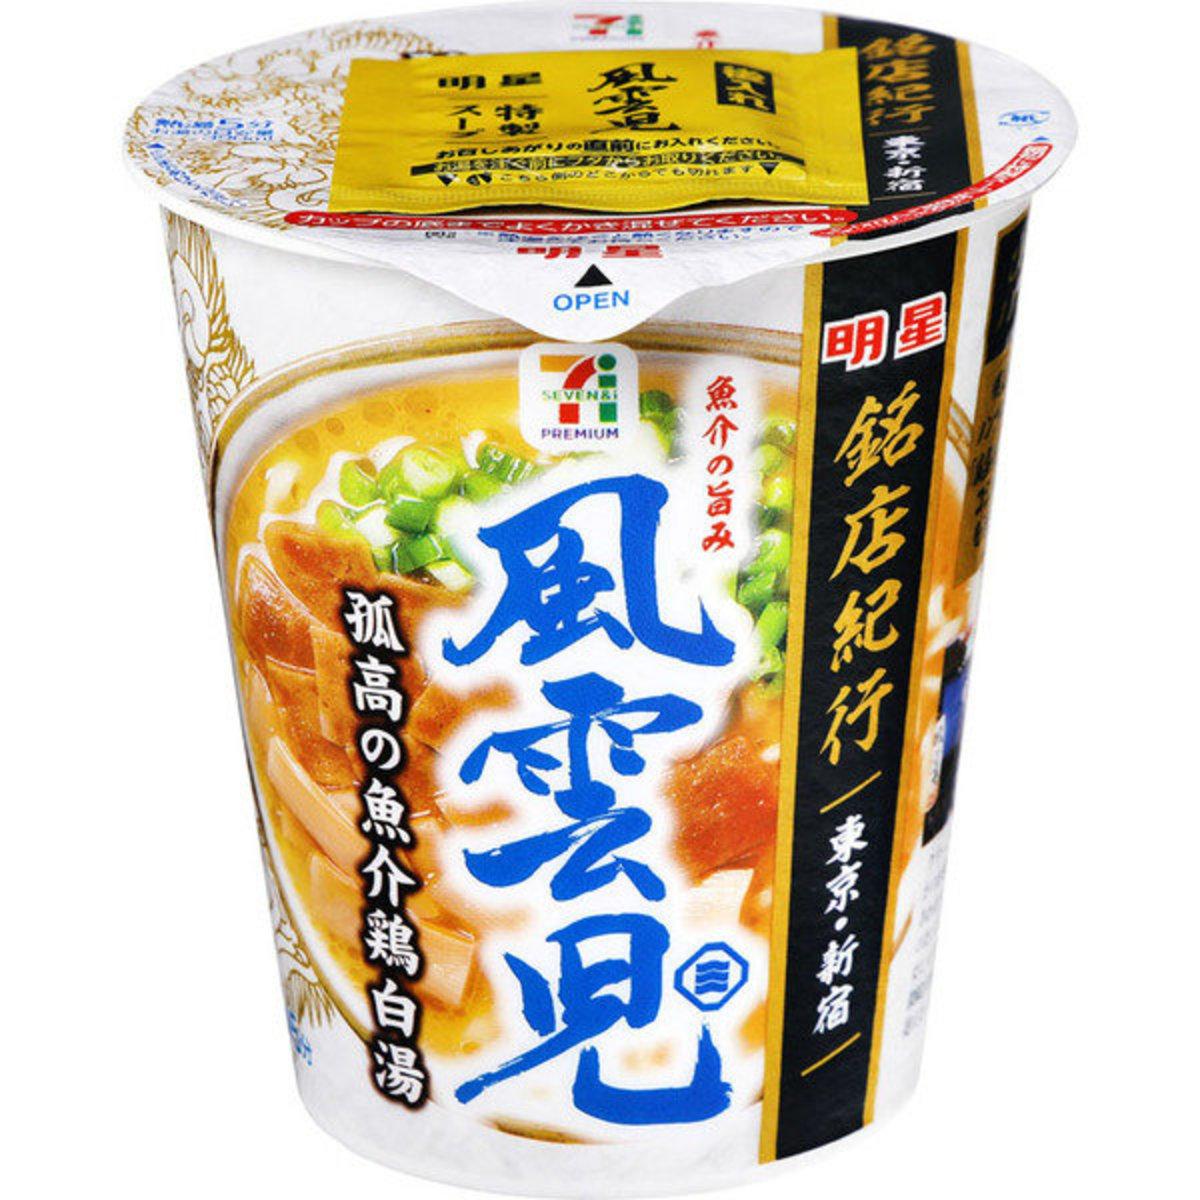 日本Seven Premium新宿 風雲見 孤高魚介鷄白湯拉麵 x 6個